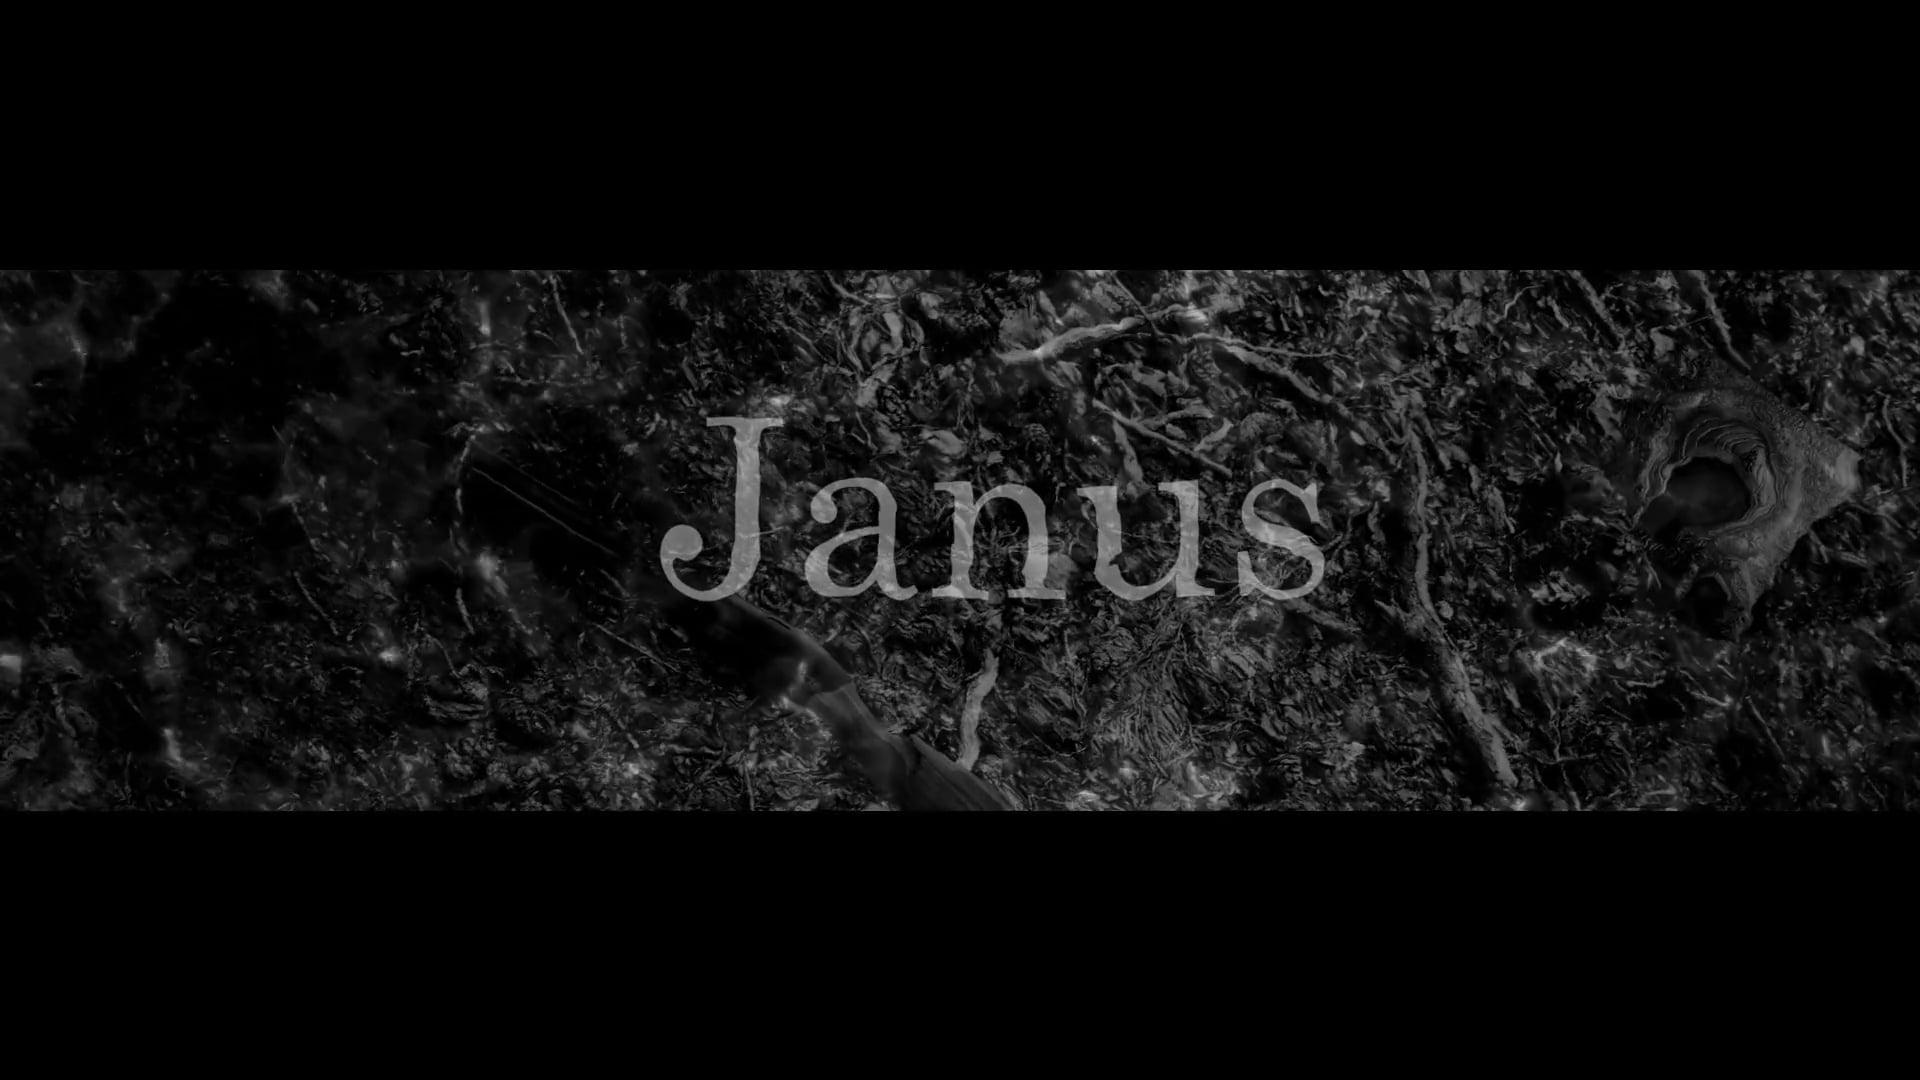 Janus / trailer